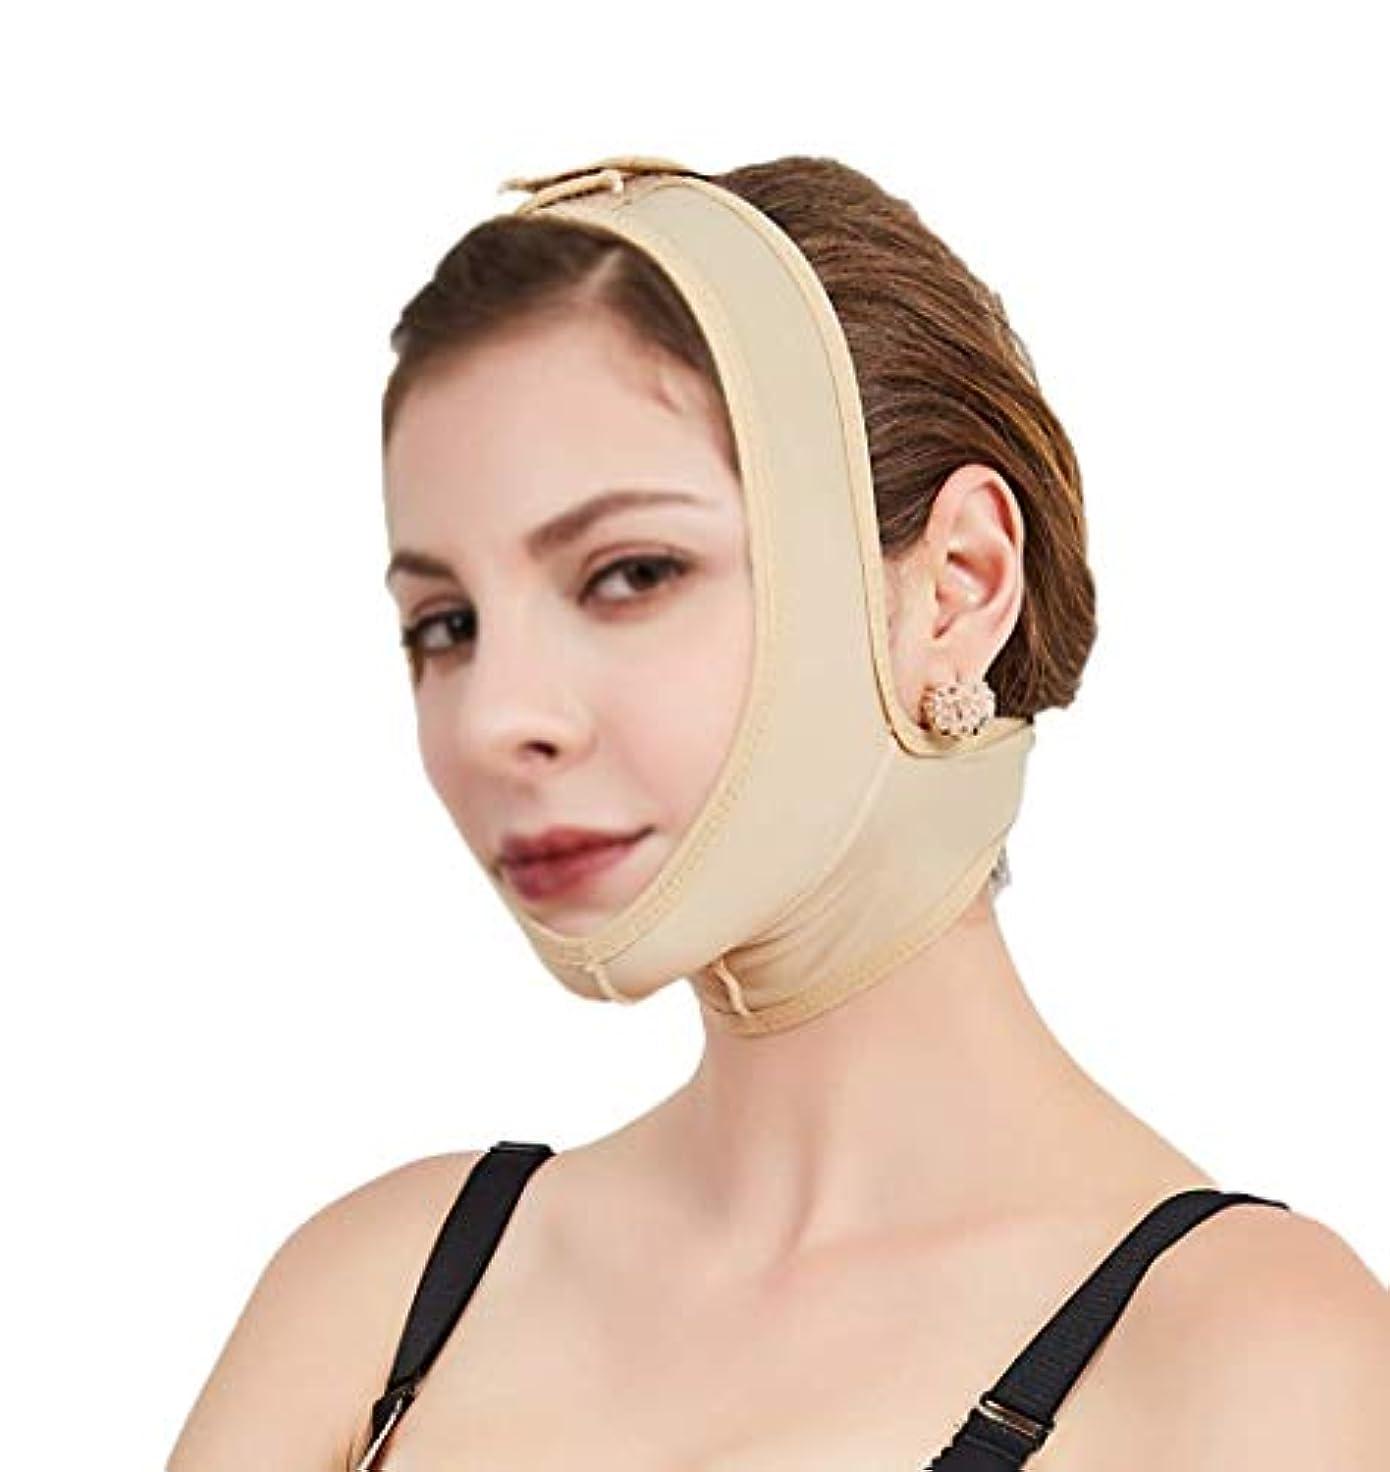 コーンウォール名詞印象派フェイスアンドネックリフトポストエラスティックスリーブ下顎骨セットフェイスアーティファクトVフェイスフェイシャルフェイスバンドルダブルチンマスク(サイズ:XS)